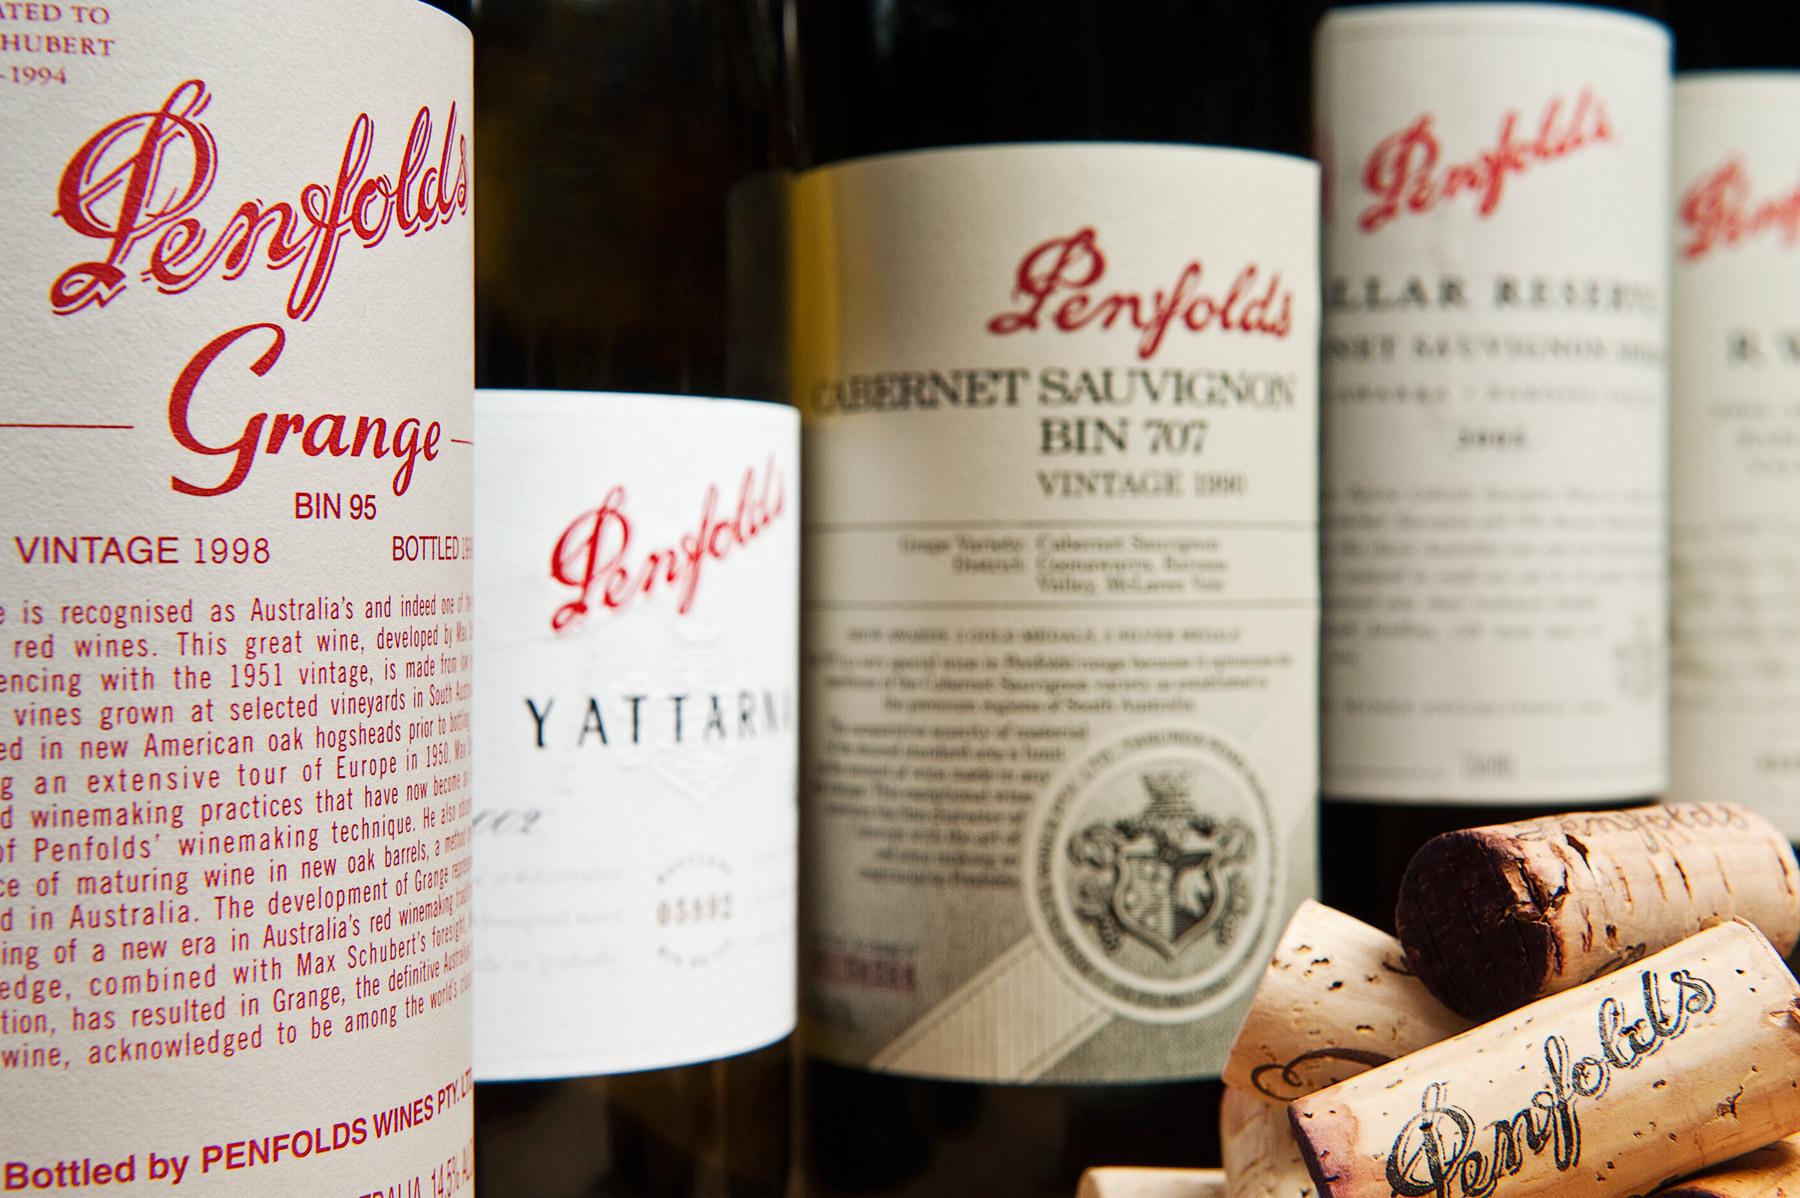 51_1penfolds_wine_bottles.jpg